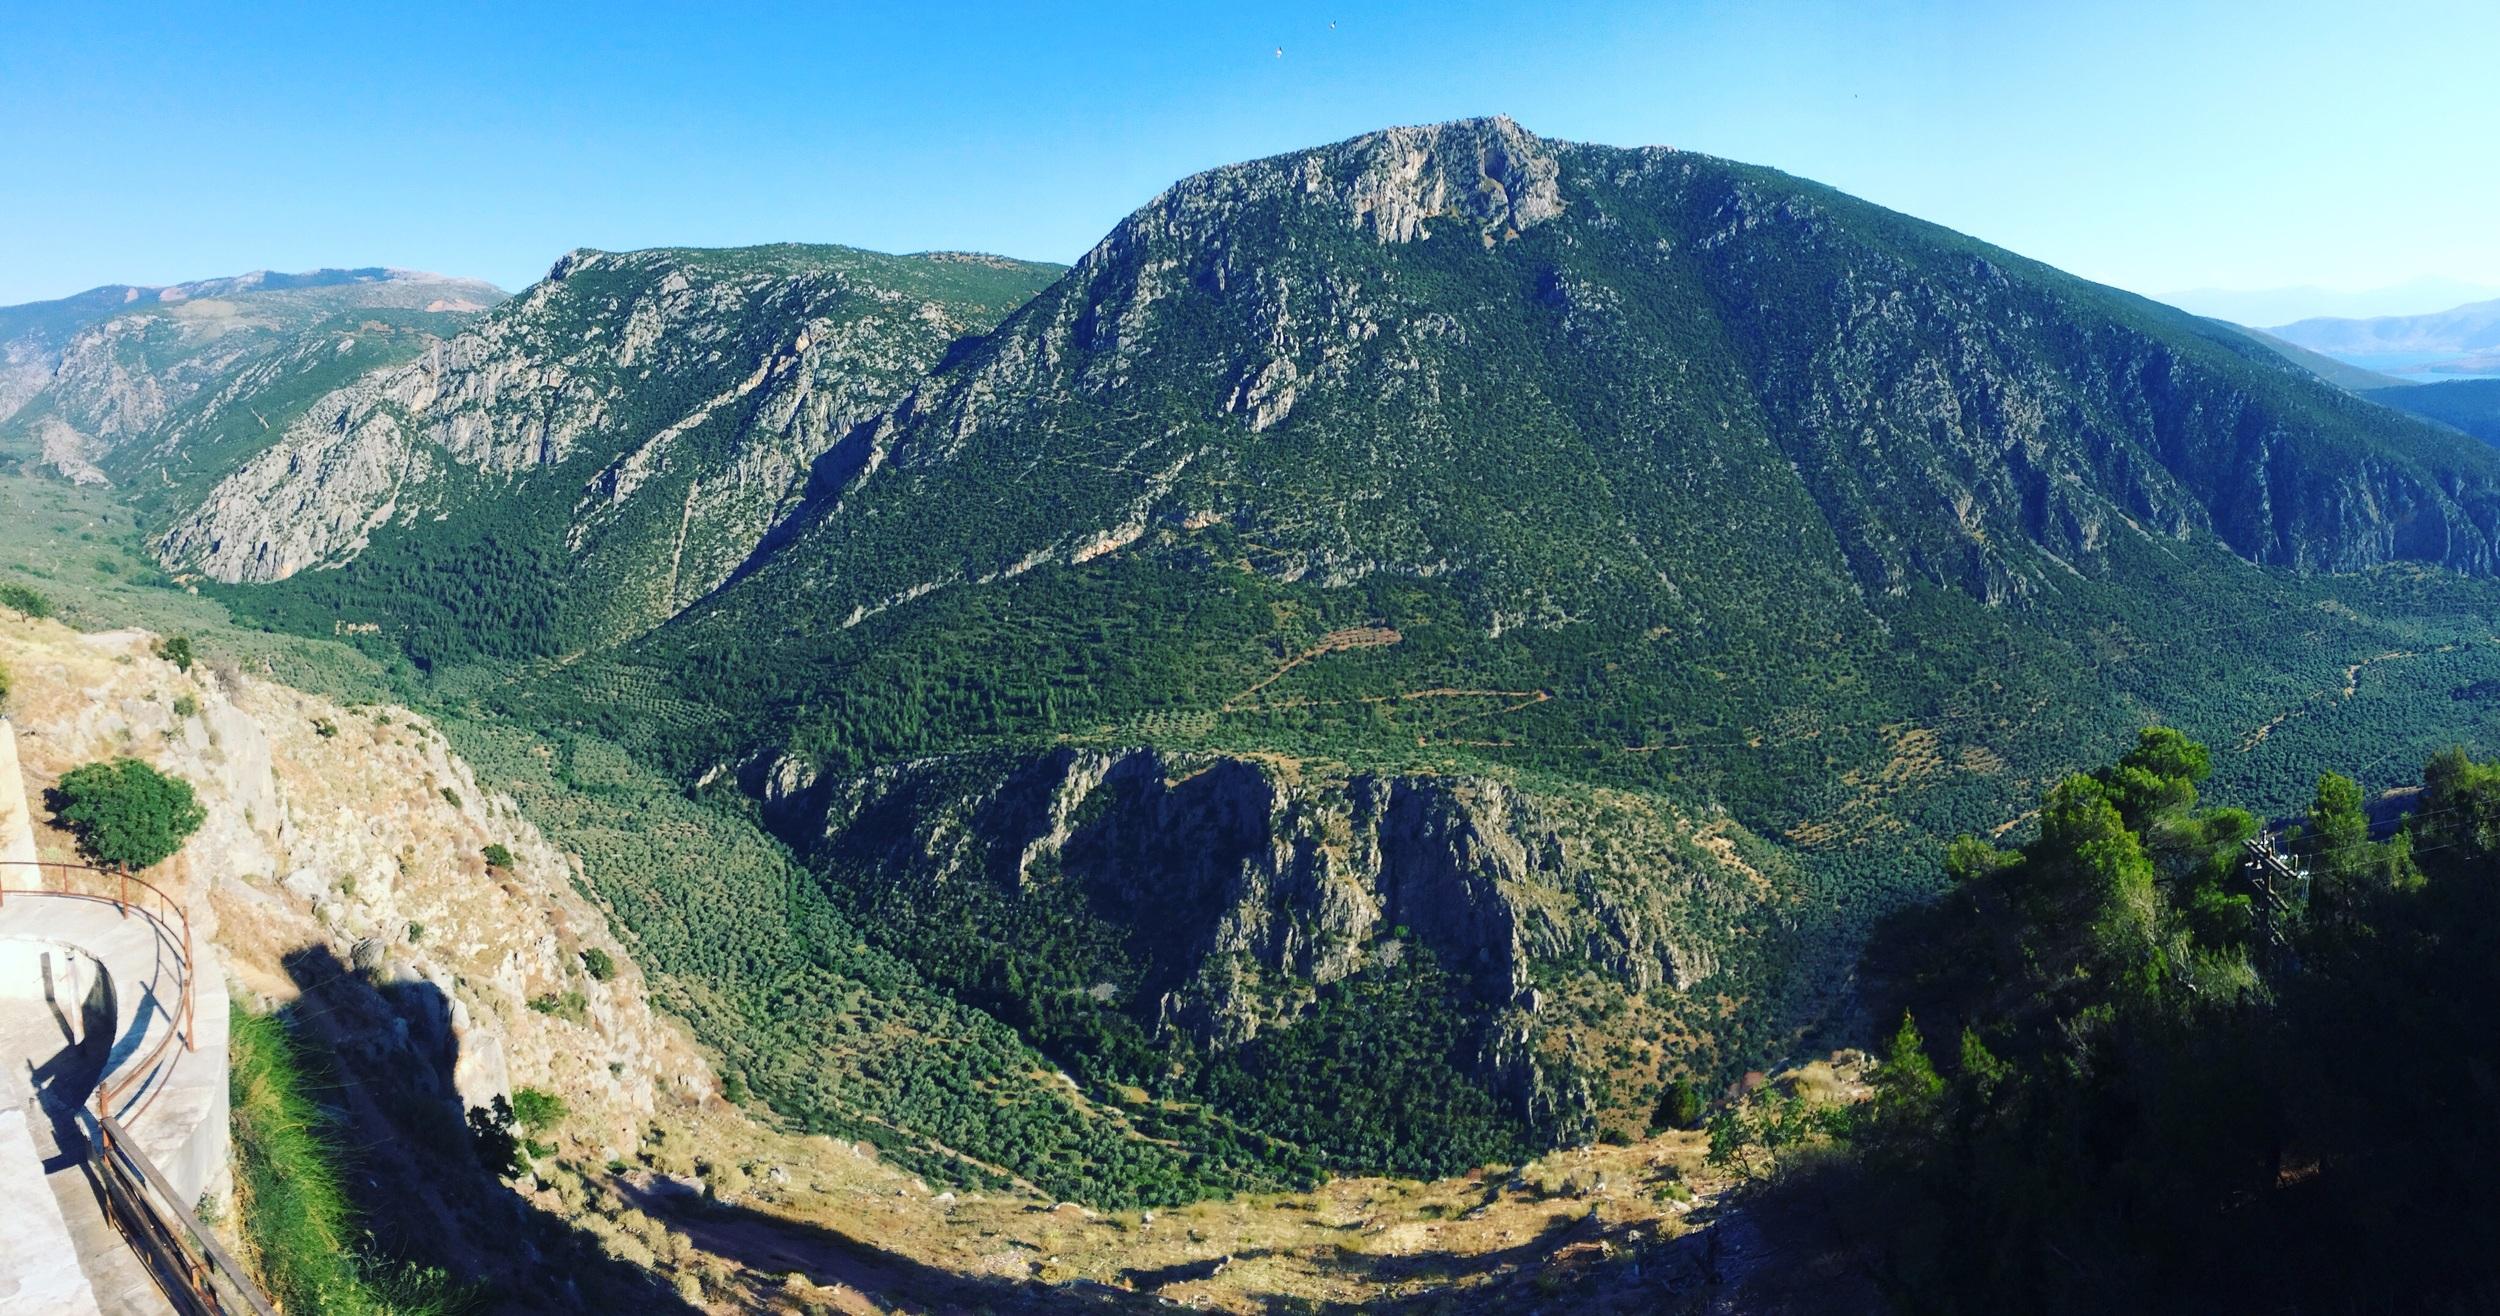 Overlook at Delphi.